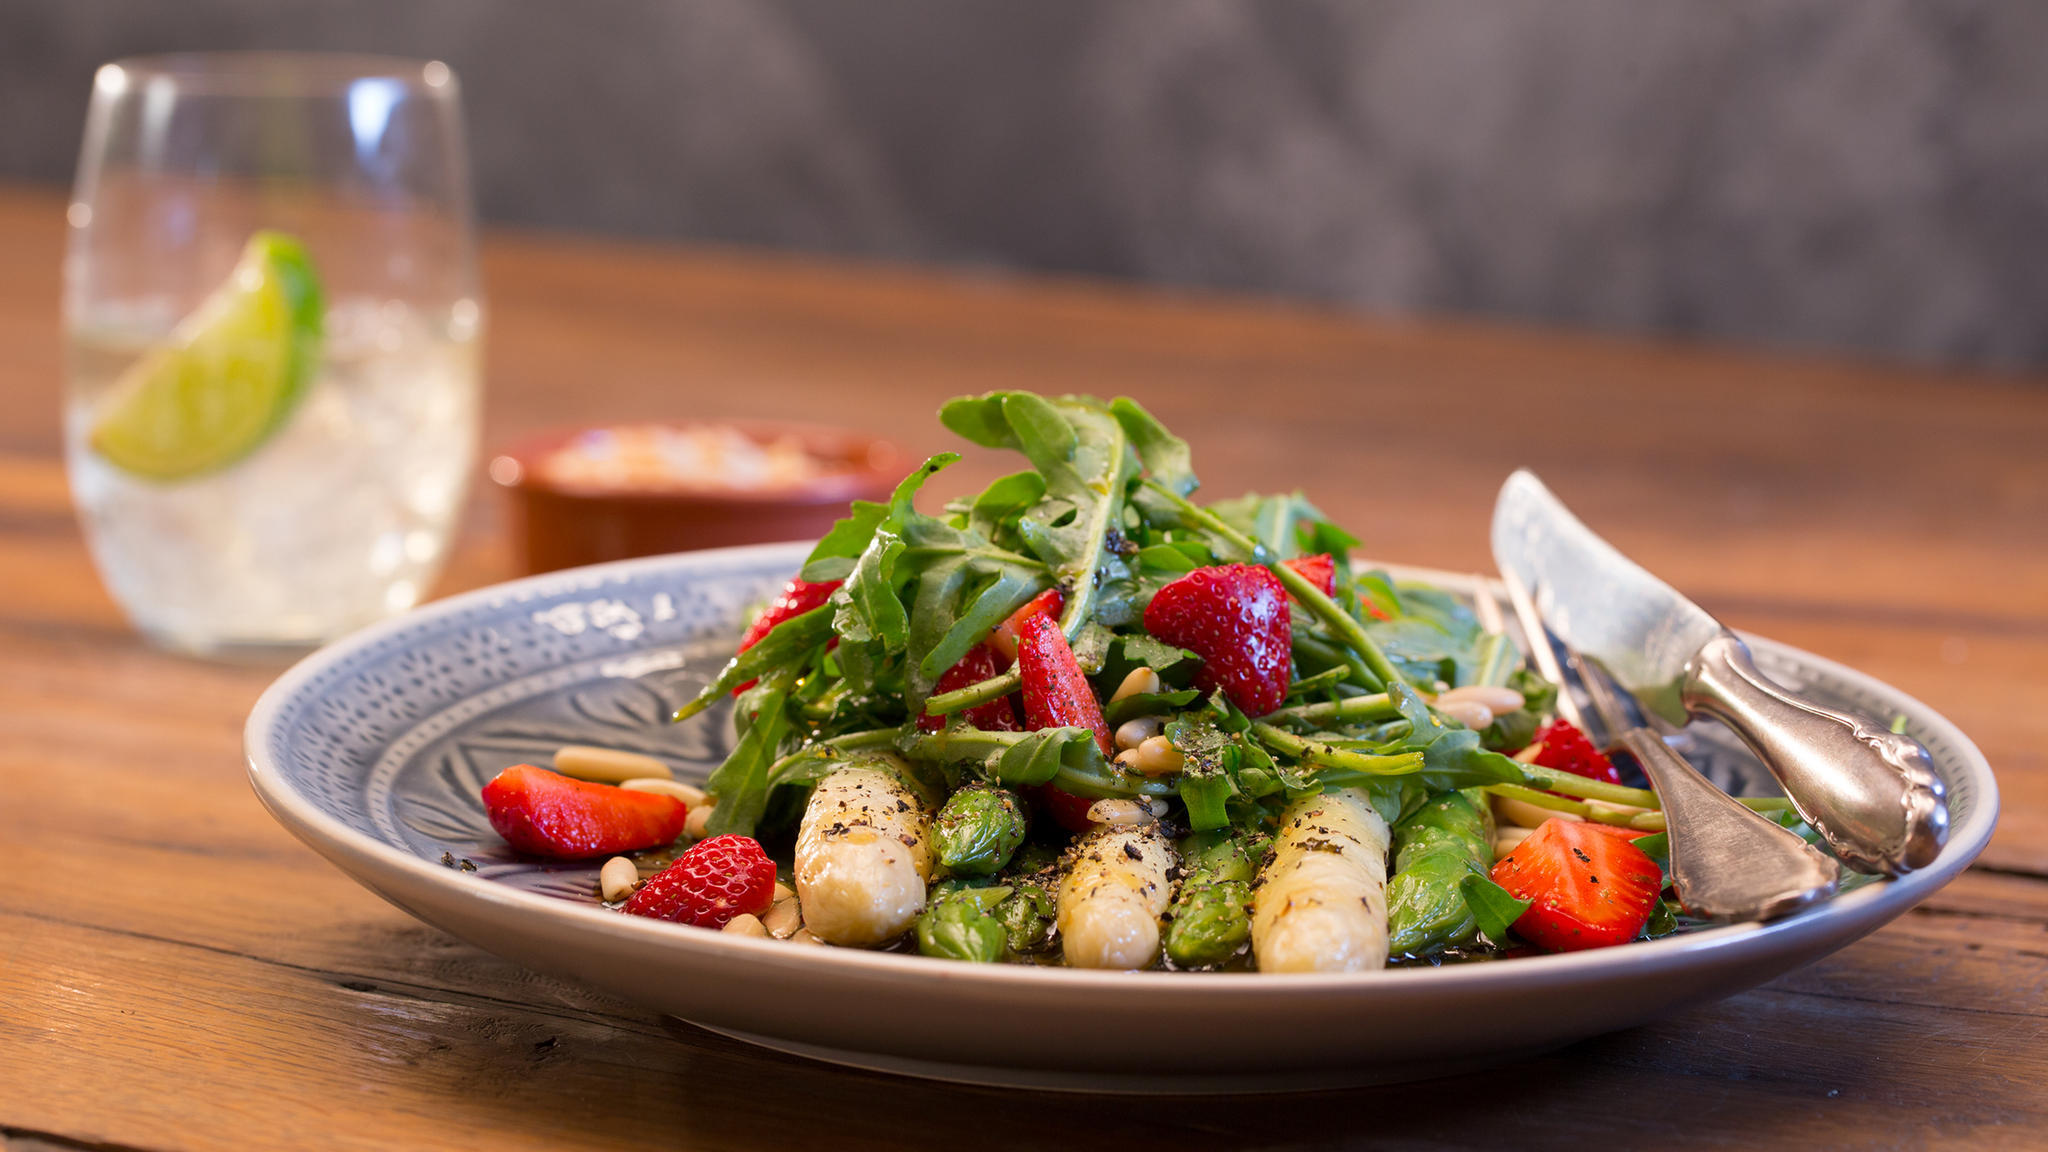 lea linster rezept roher spargelsalat beliebte eezepte f r n tzliche salate. Black Bedroom Furniture Sets. Home Design Ideas